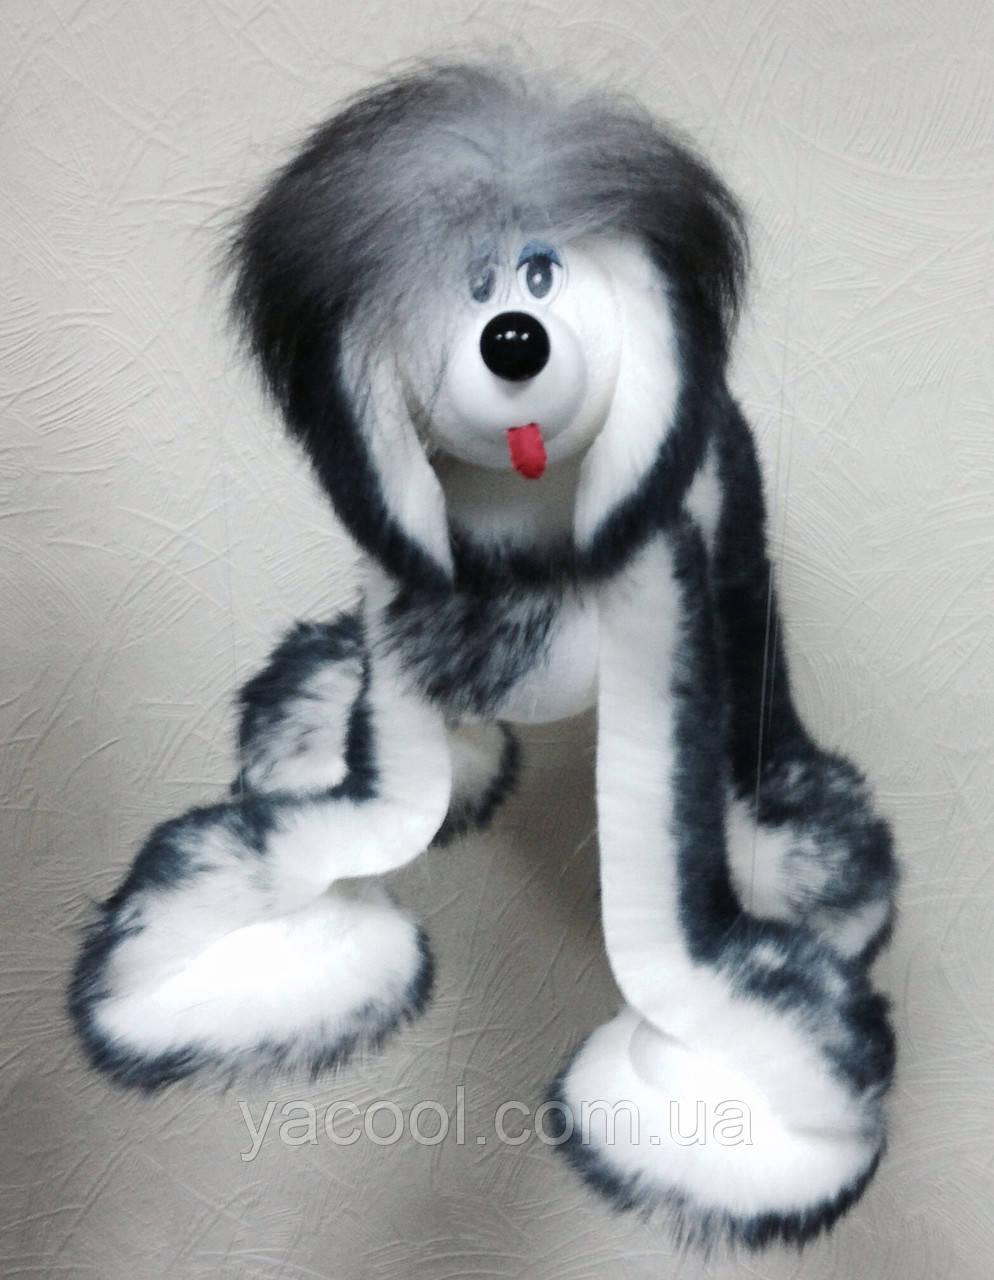 c9b5bcef591 Собака живая игрушка на ниточках